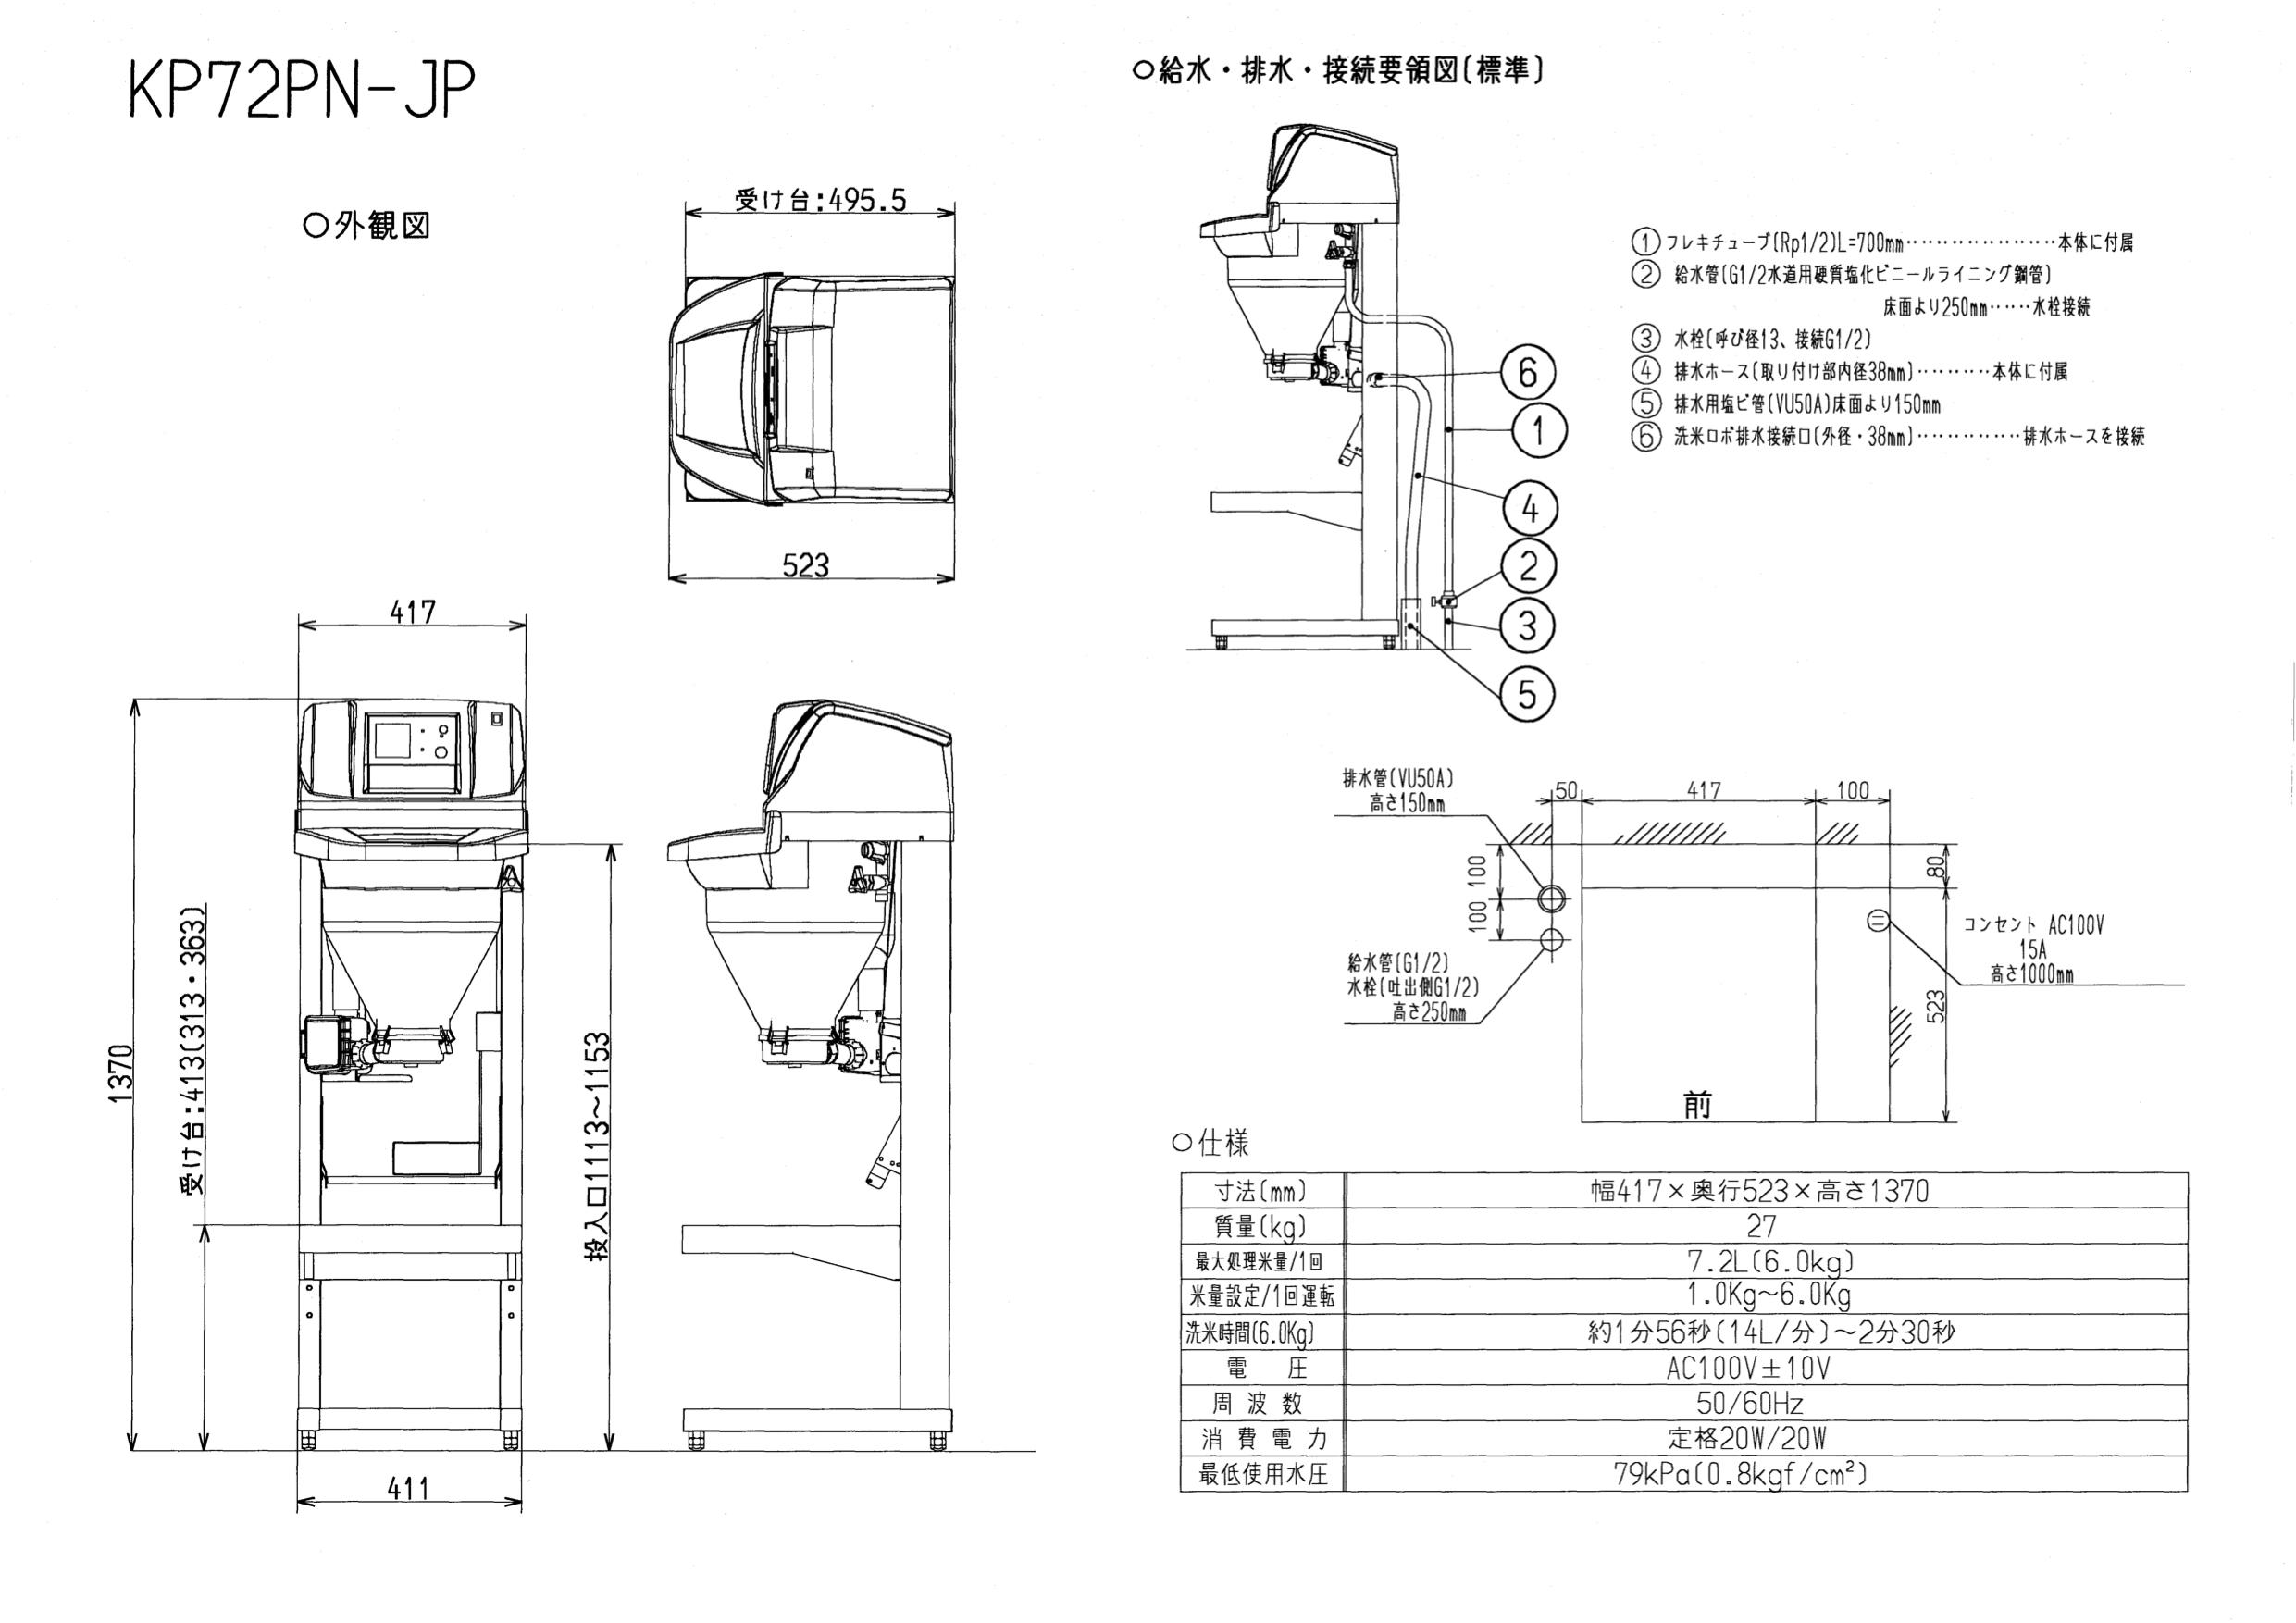 KP72PN-CE spec